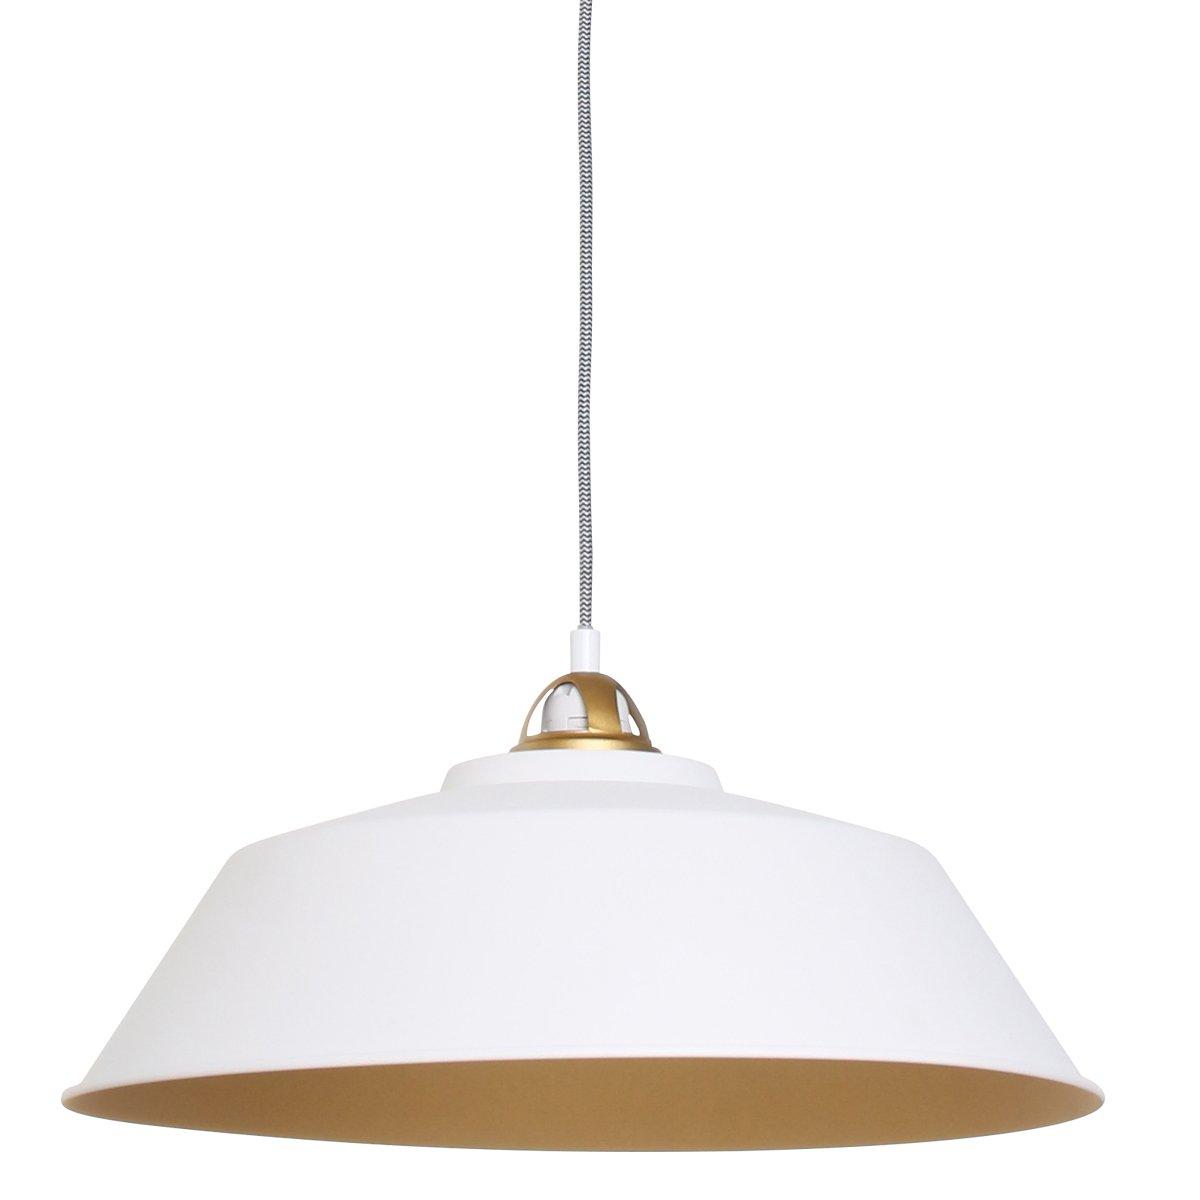 Steinhauer Landelijke hanglamp Mexlite 42 Steinhauer 1318W